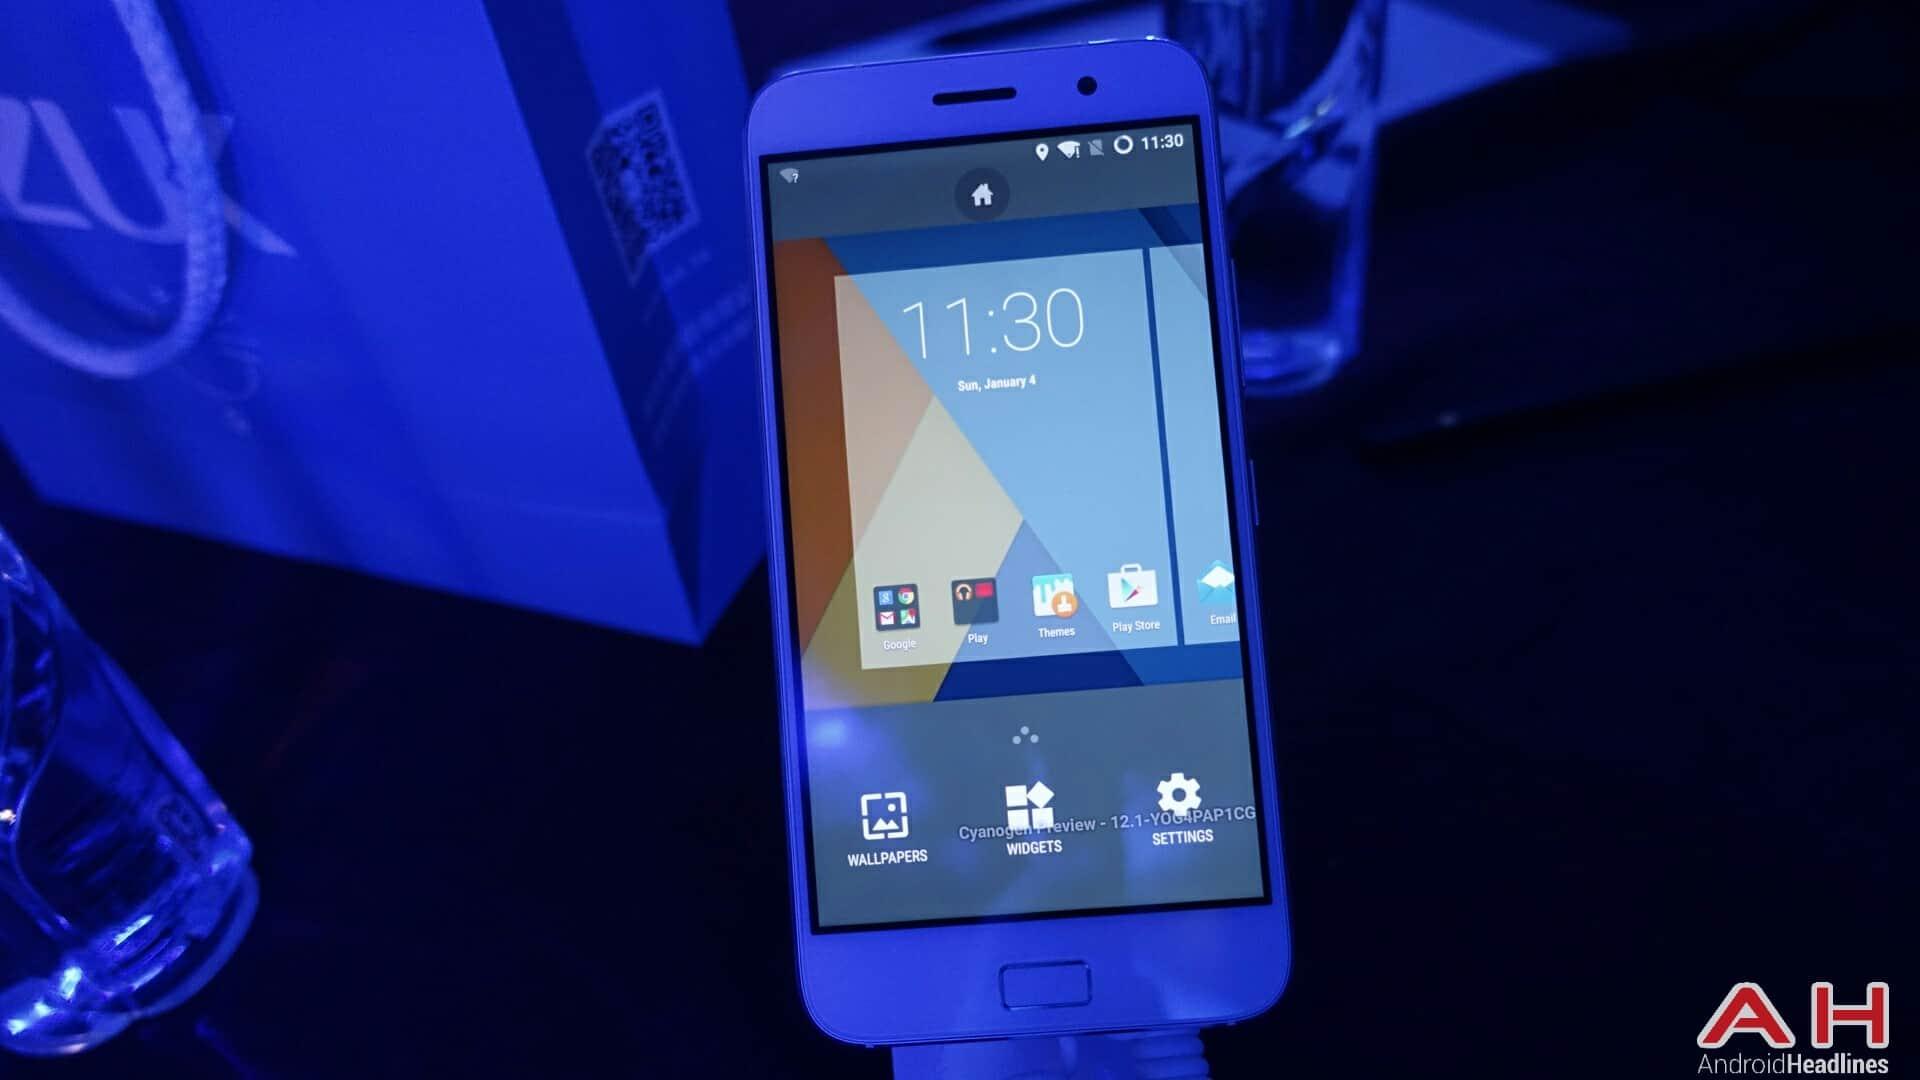 AH ZUK Z1 Cyanogen version 10